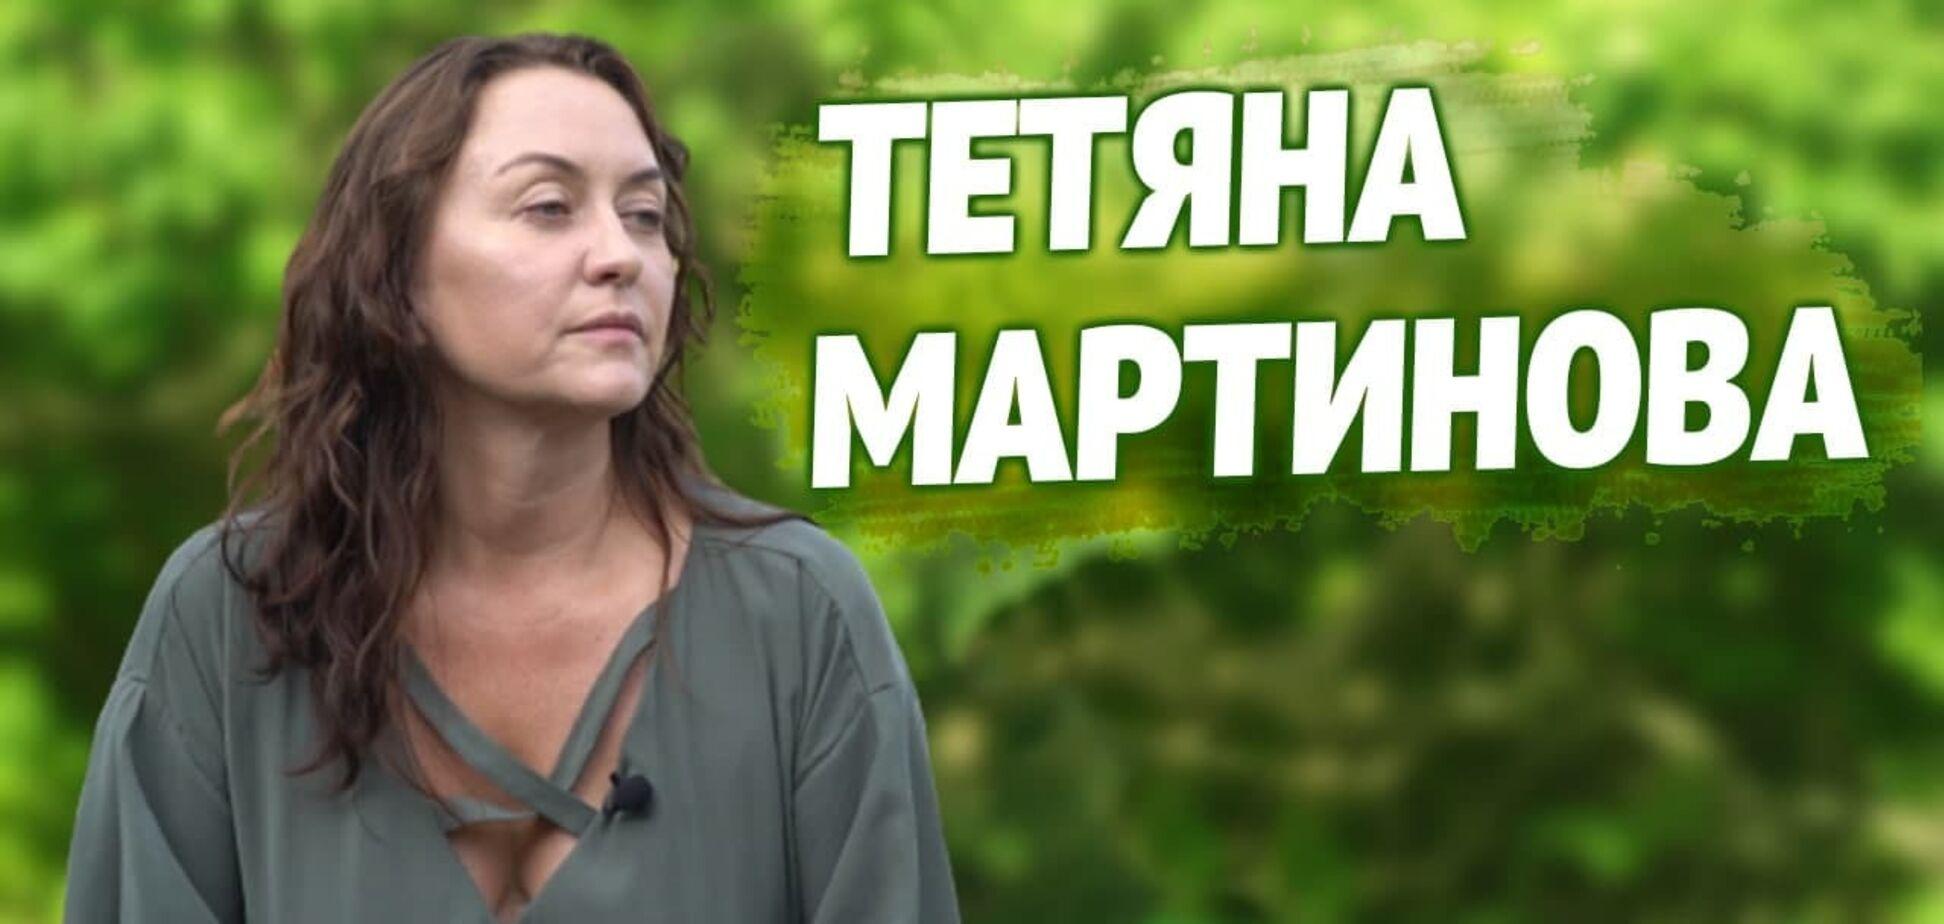 Белорусский блогер рассказала о 'ябатькастане' и о жизни в Беларуси и Украине